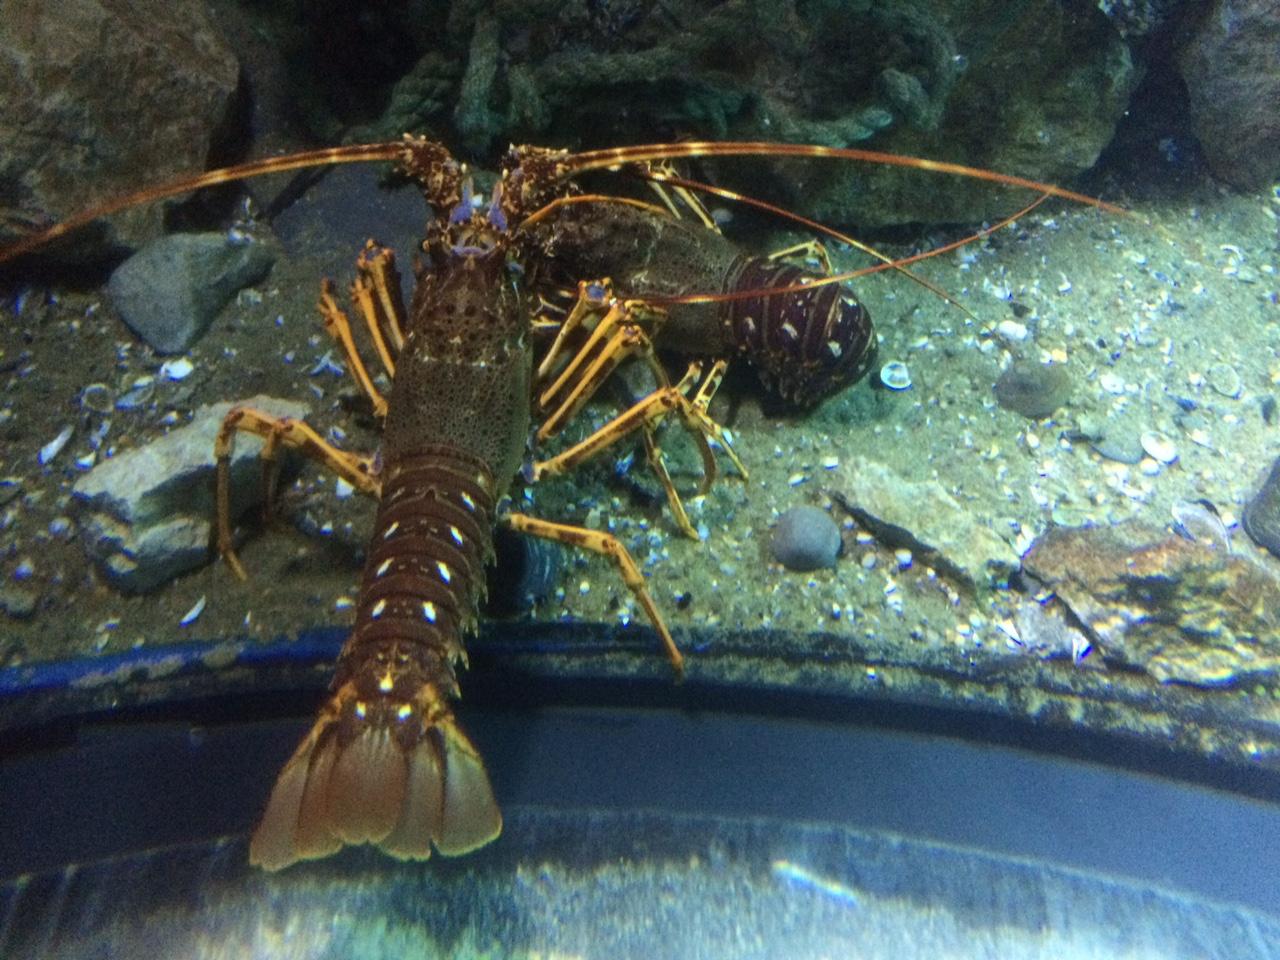 Japanese spider crab at the london aquarium